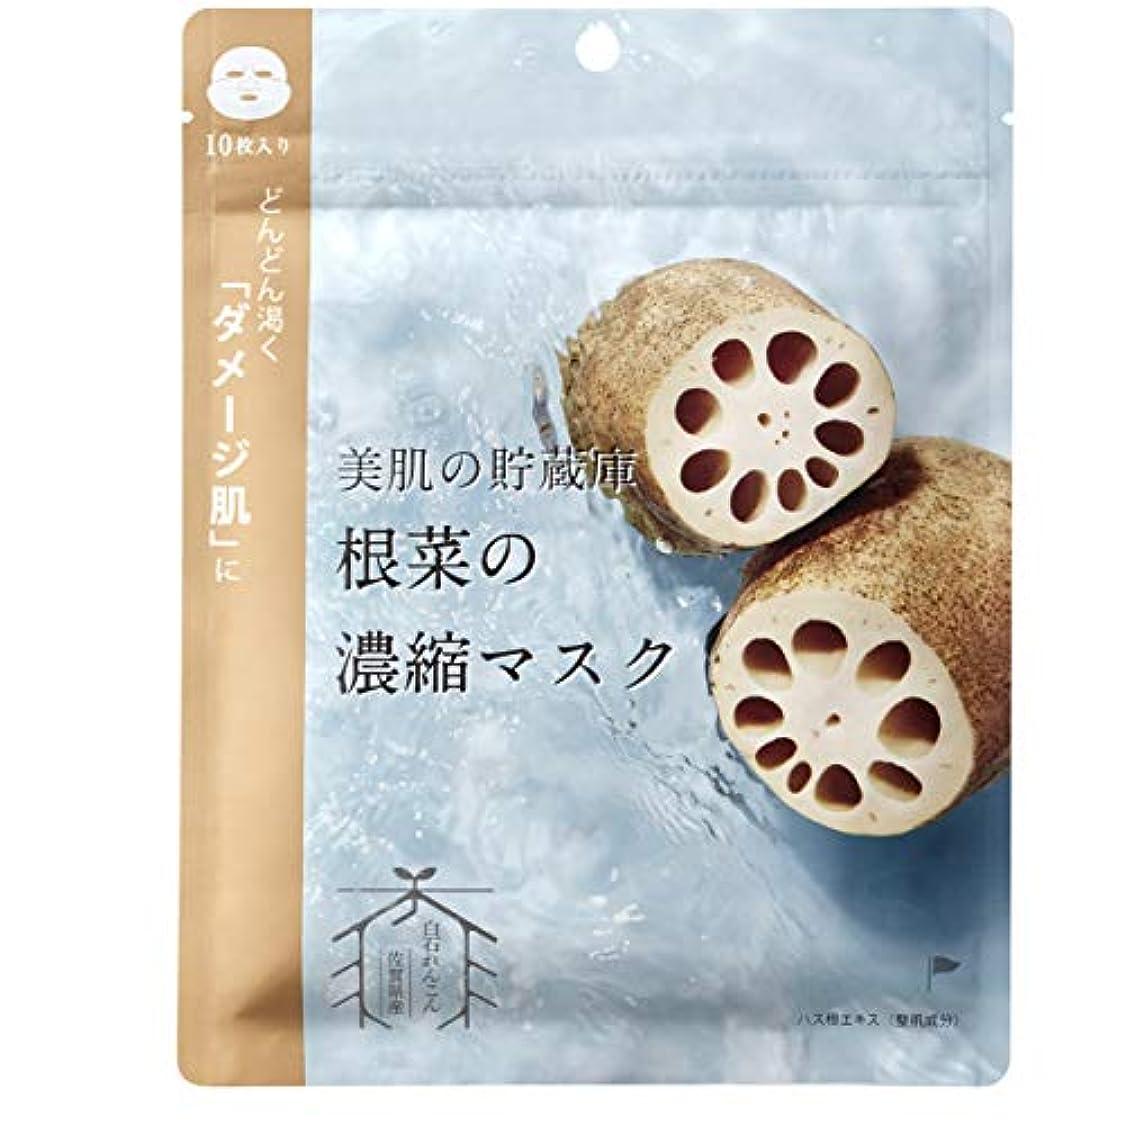 状況シェルターヒープ@cosme nippon 美肌の貯蔵庫 根菜の濃縮マスク 白石れんこん 10枚入 160ml